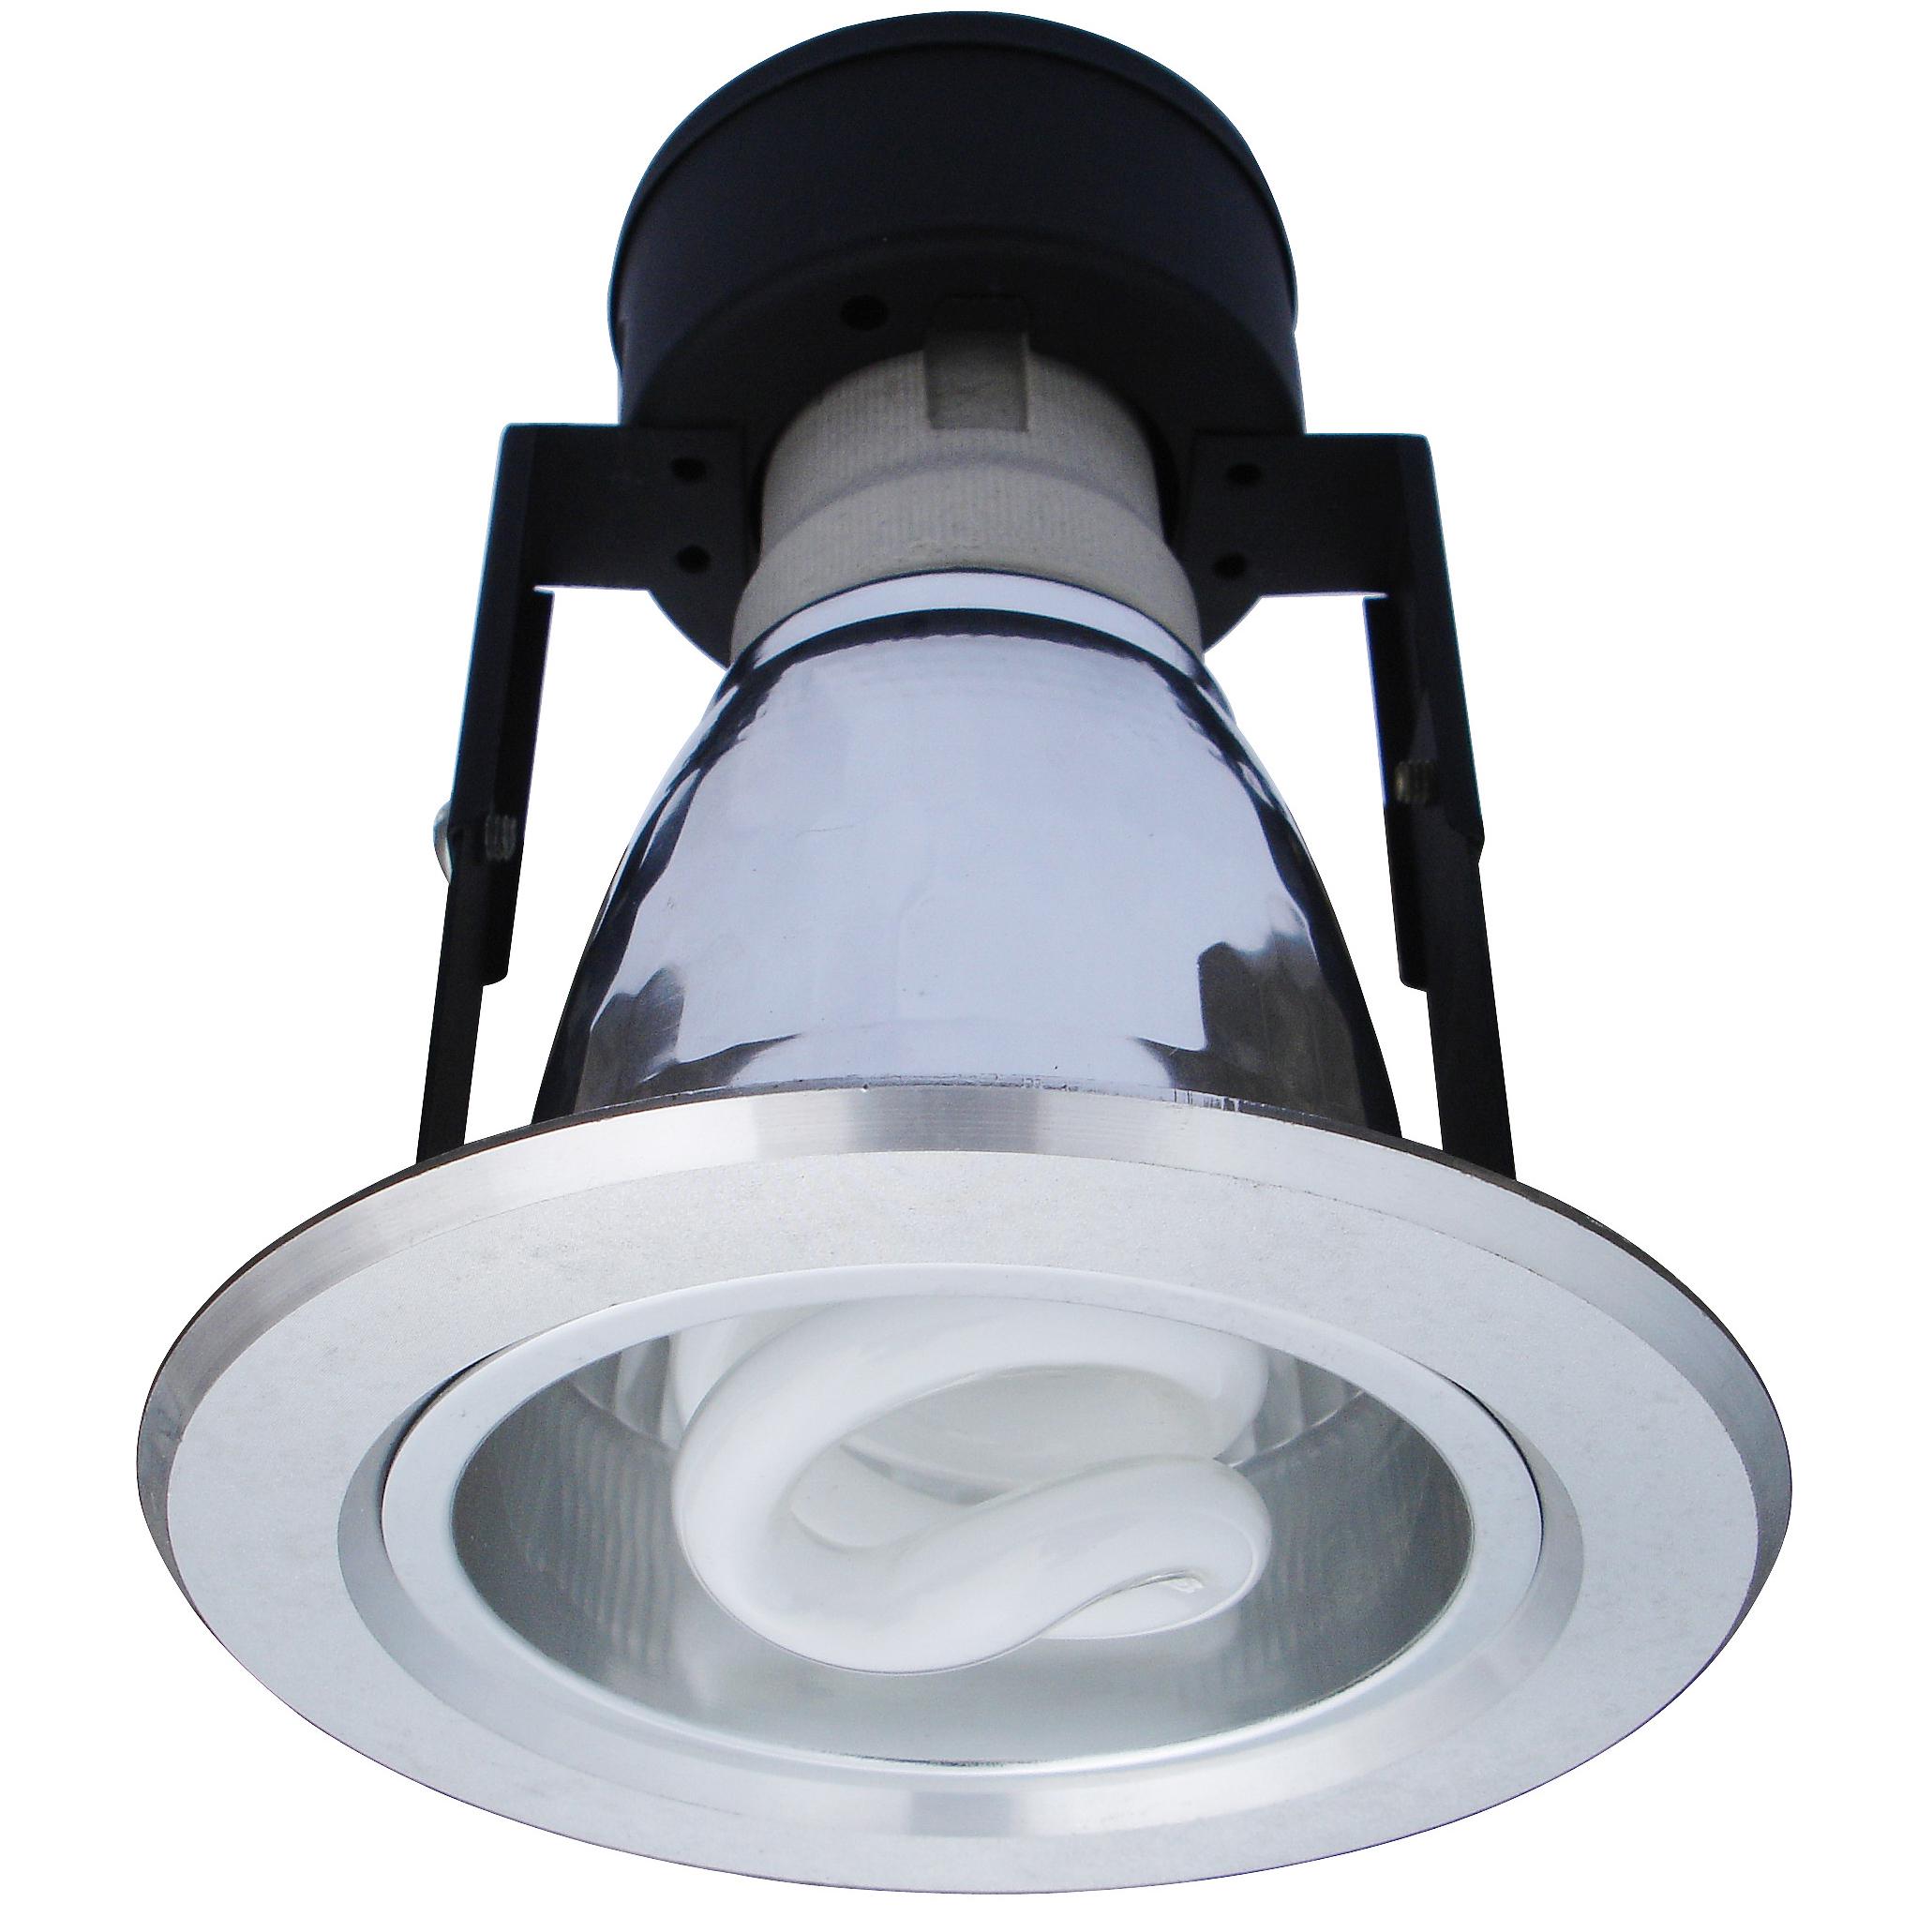 Светильник встраиваемый Arte lamp Technika a8043pl-1si